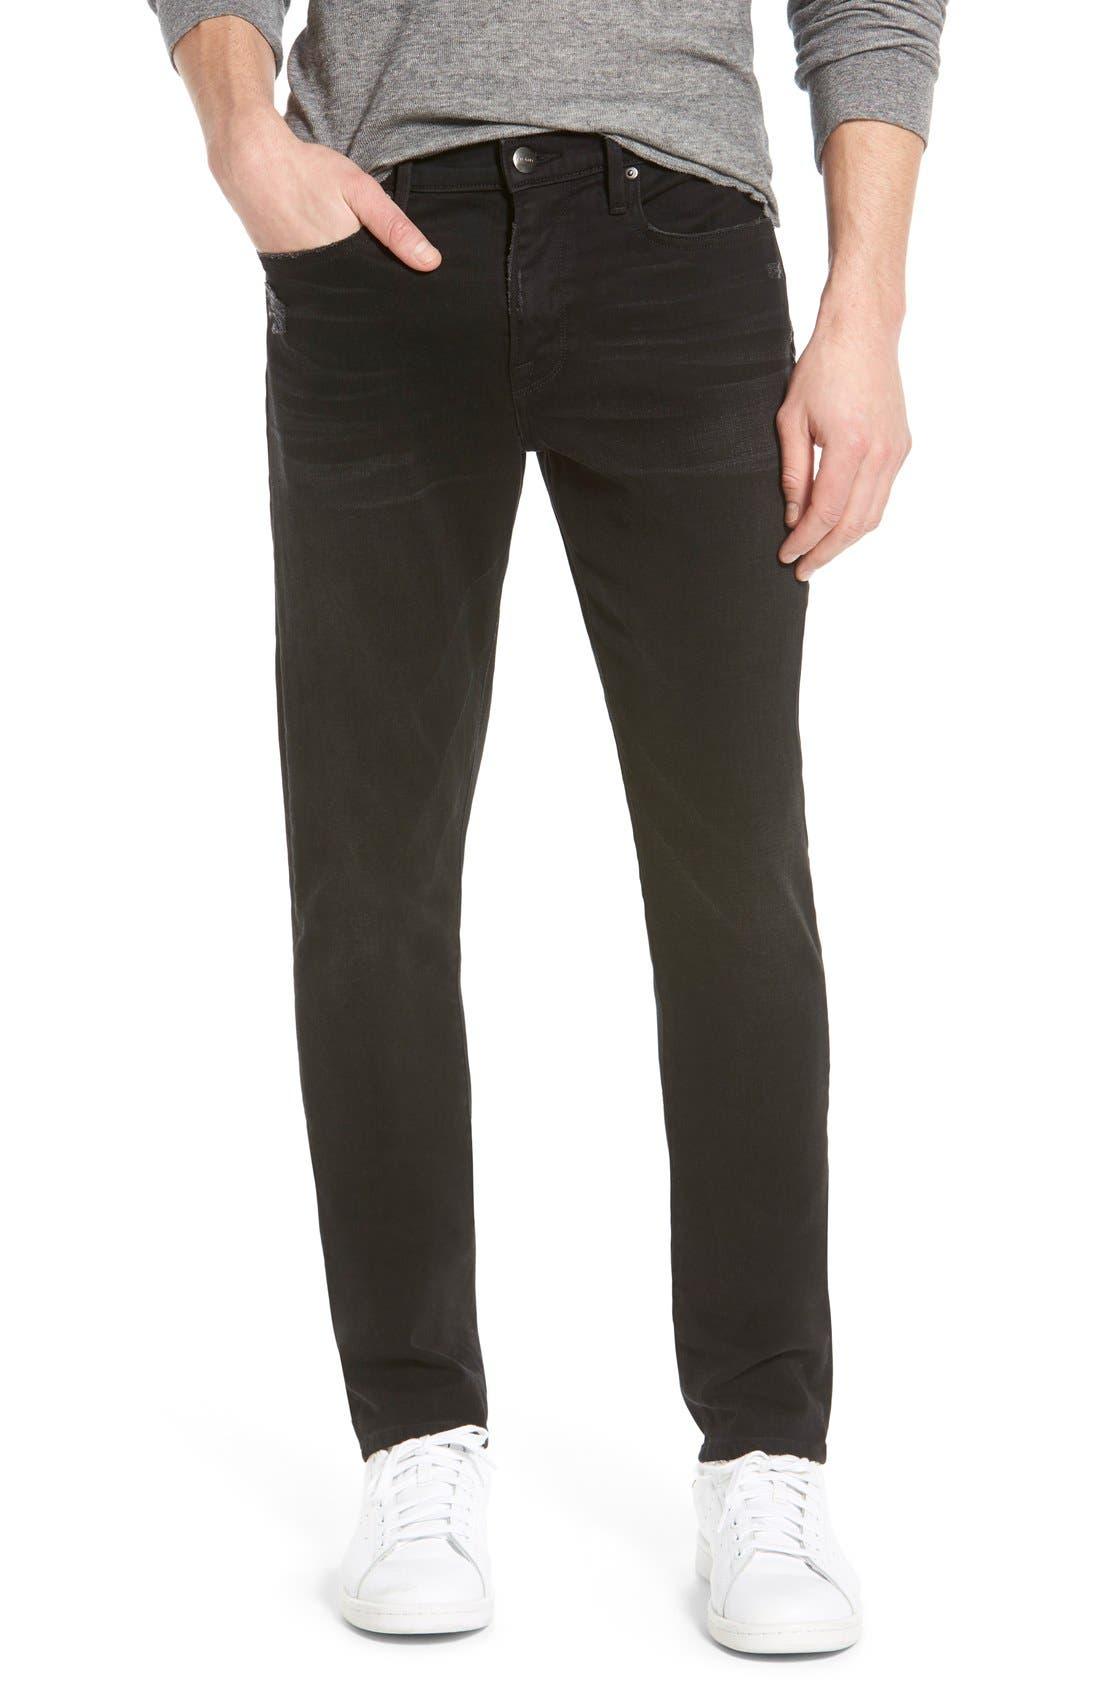 'L'Homme' Slim Fit Jeans,                             Main thumbnail 1, color,                             001